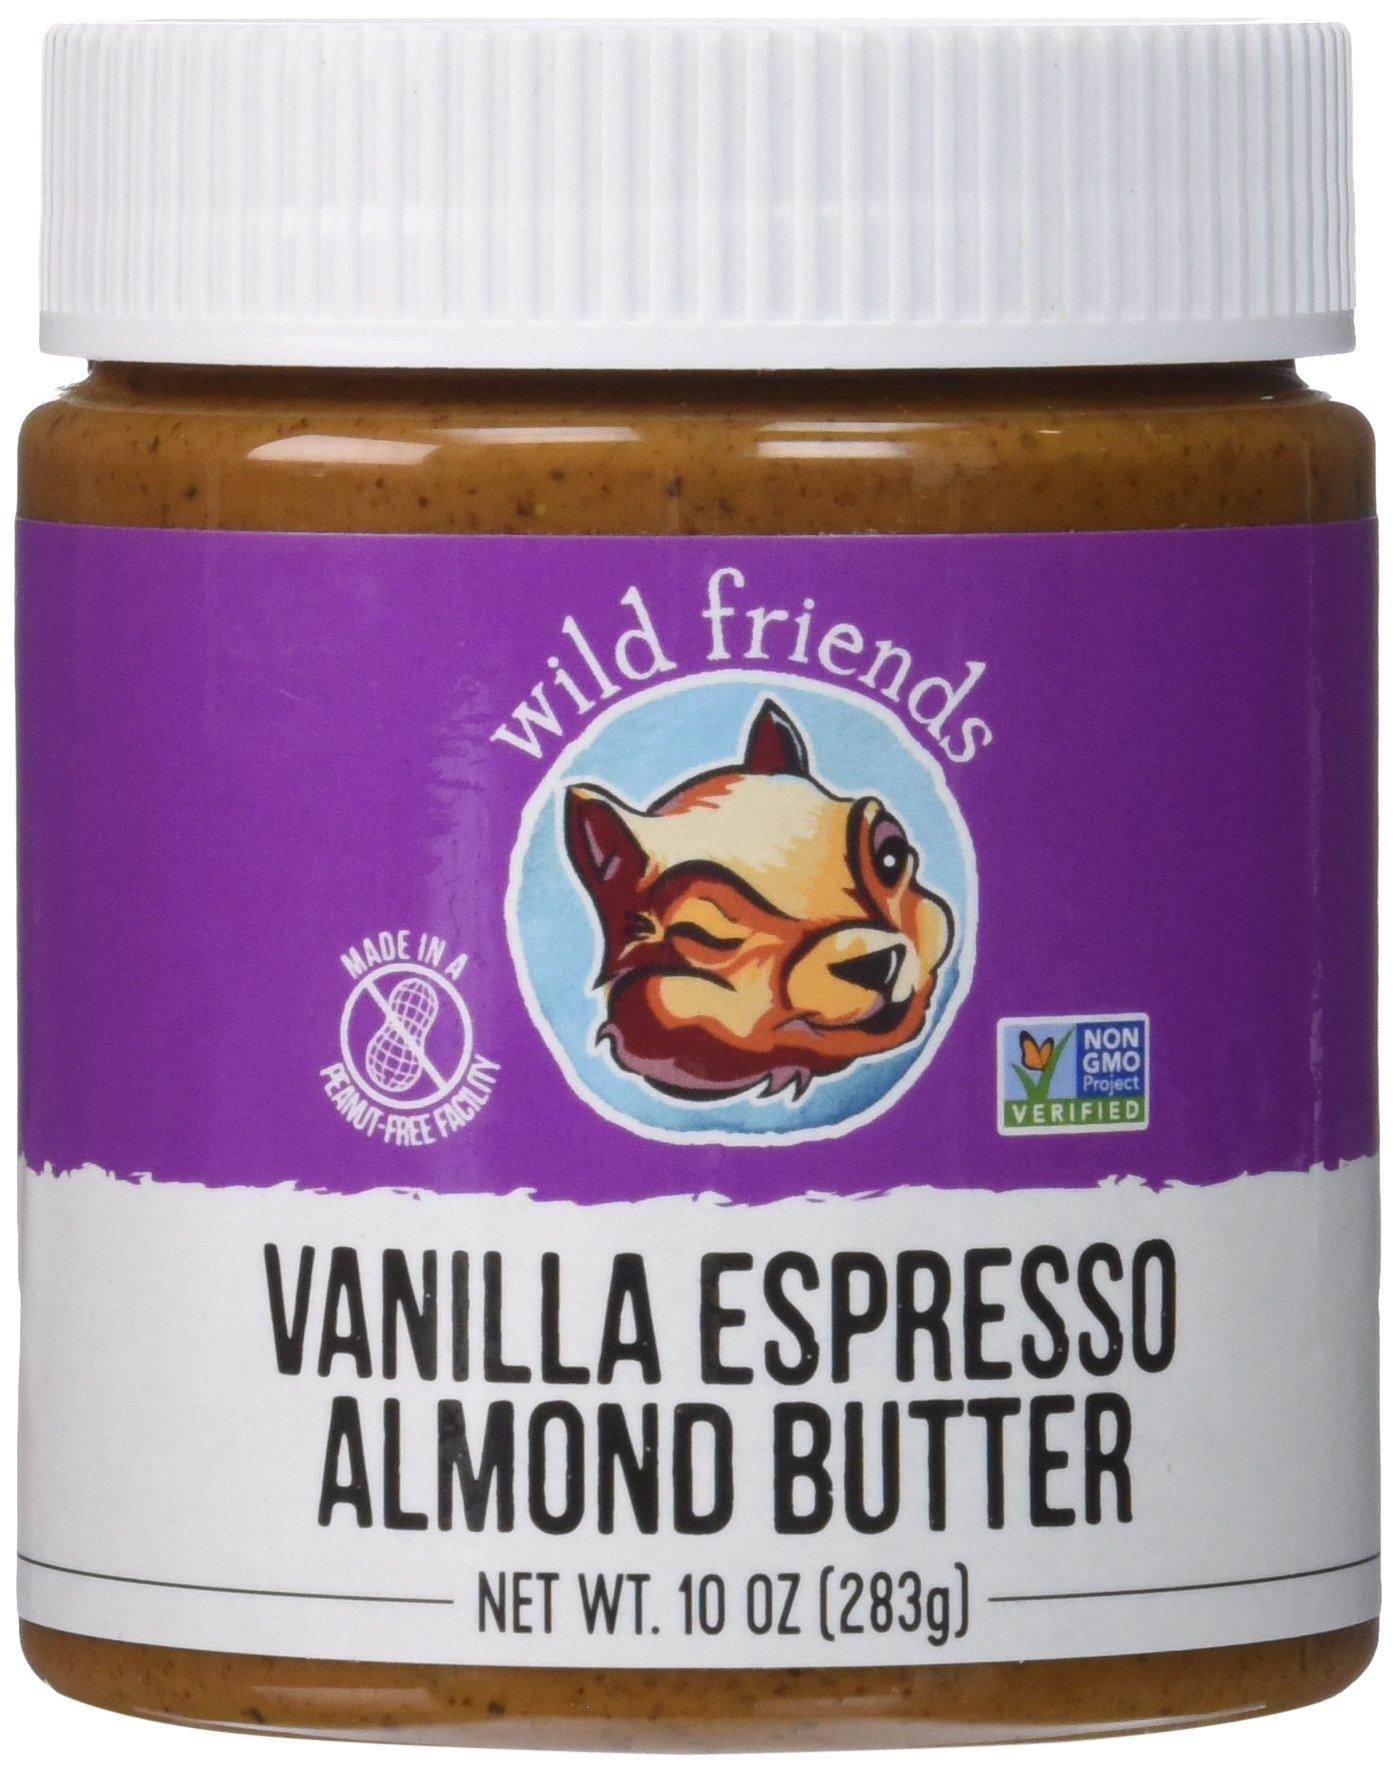 Wild Friends Foods Almond Butter, Vanilla Espresso, 10 oz Jar